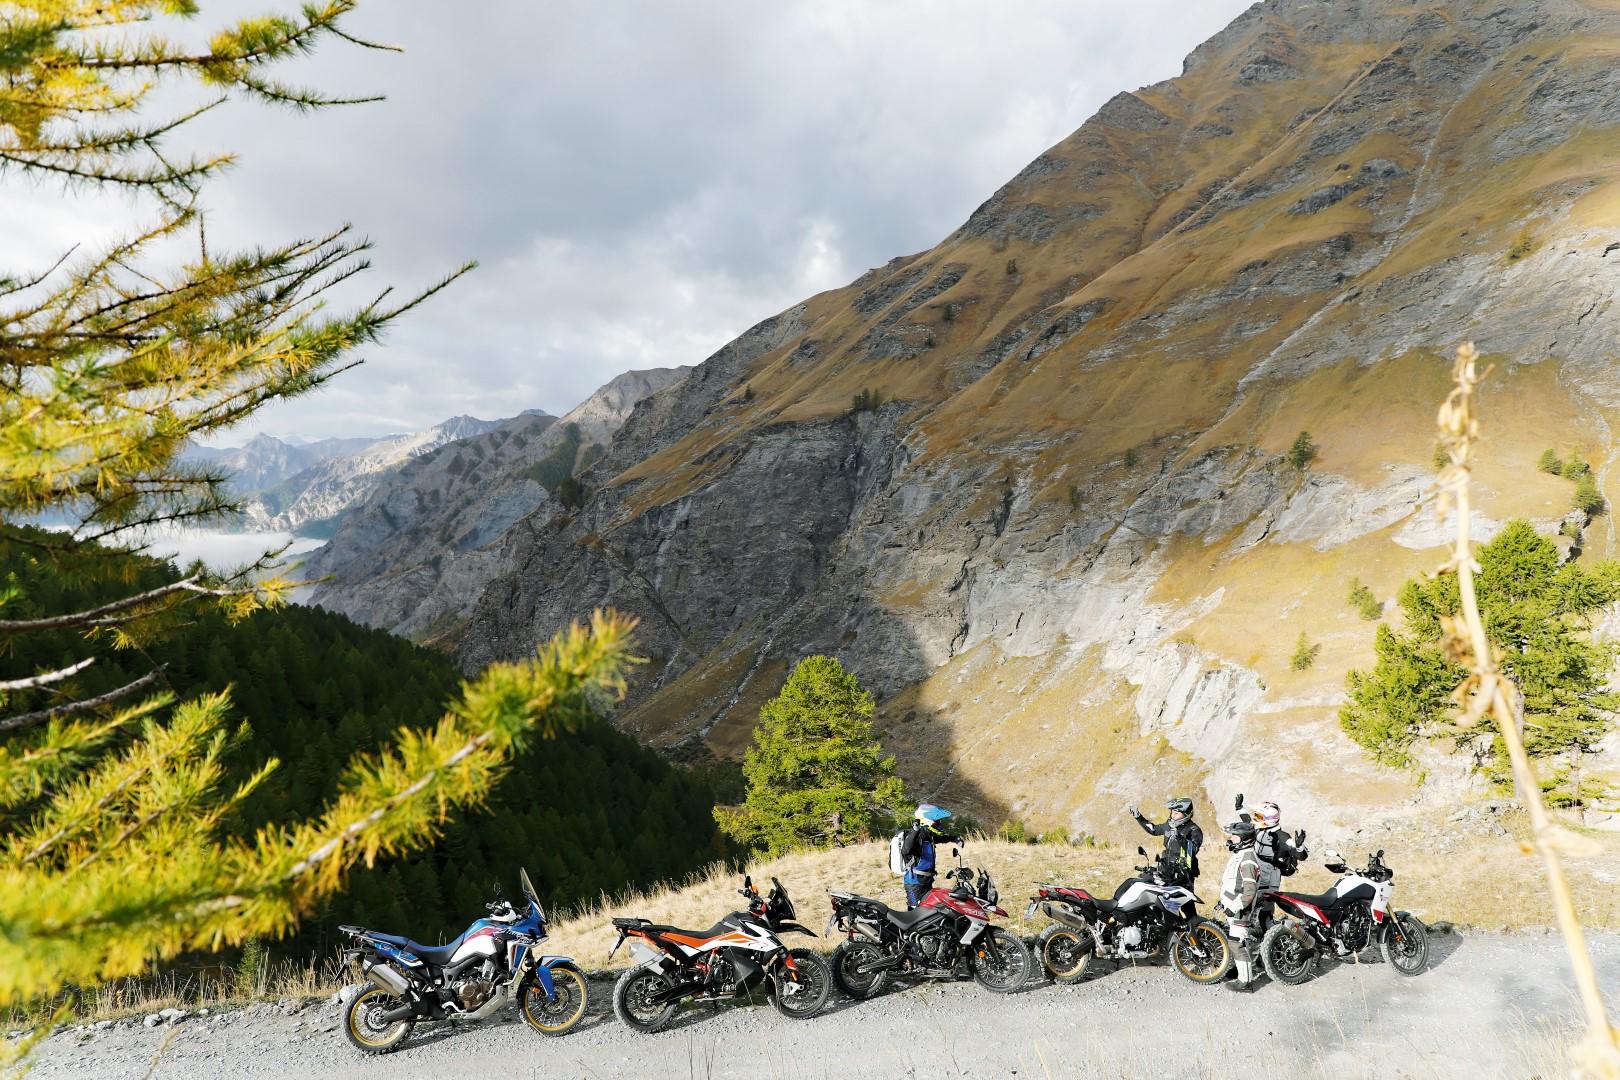 Comparativa trail: BMW F 850 GS, Honda África Twin, KTM 790 Adventure R, Triumph Tiger 800 XCA y Yamaha Ténéré 700